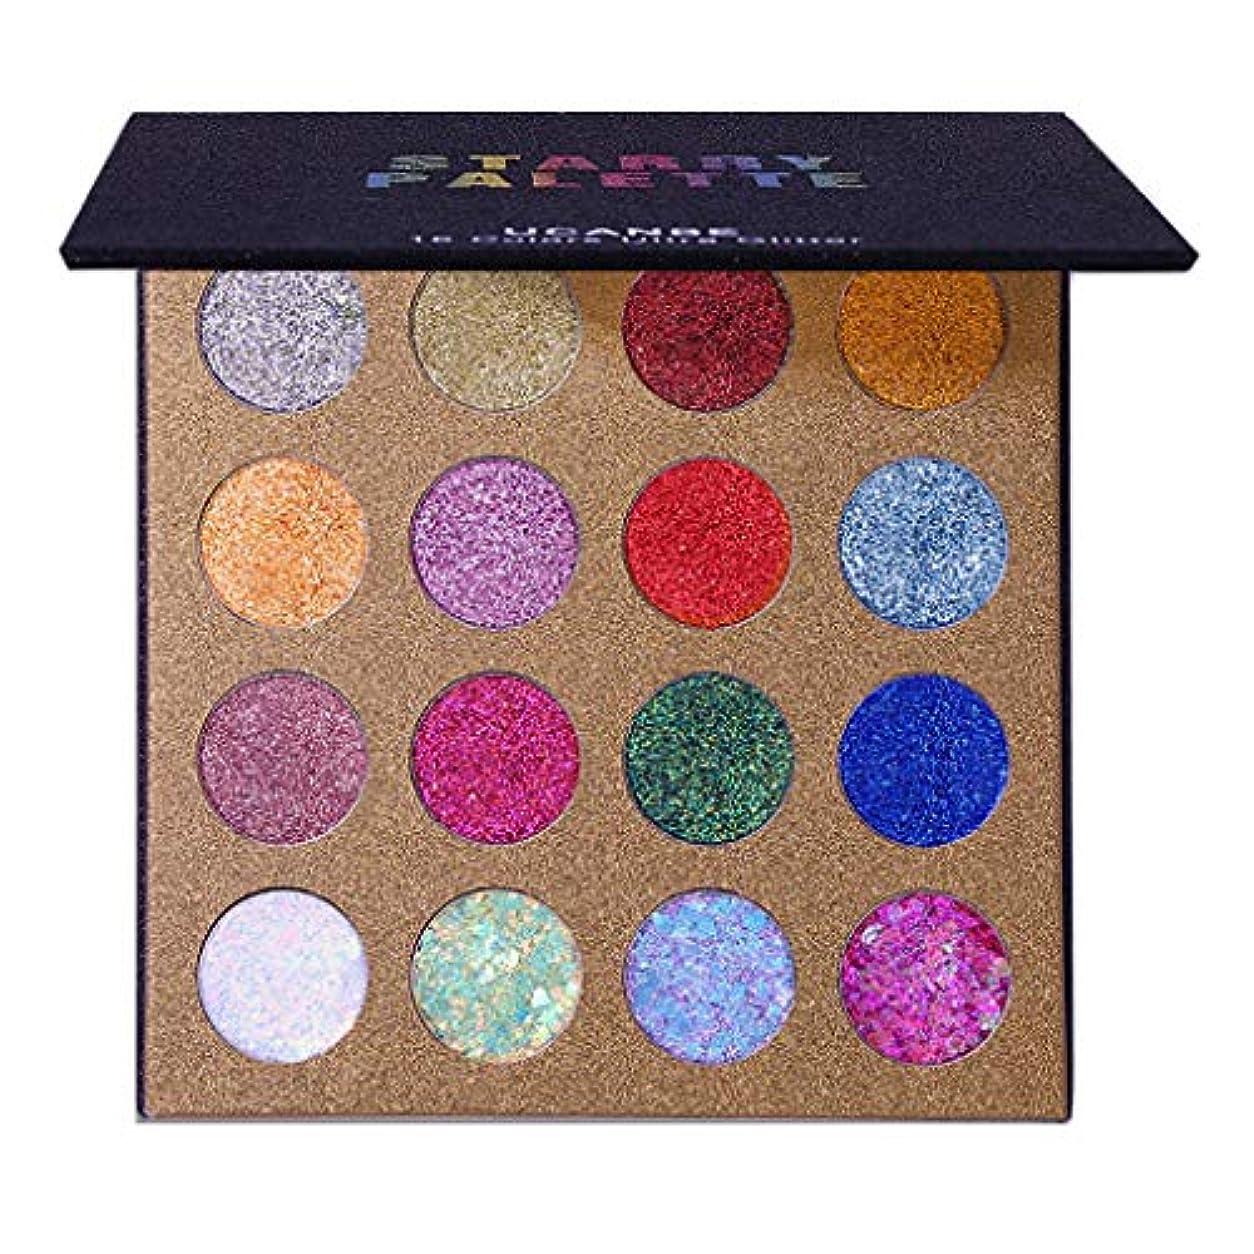 空中芽ギャザーGOOD lask 16色のきらめきのきらめきのアイシャドウの粉のアイシャドウの化粧品の構造